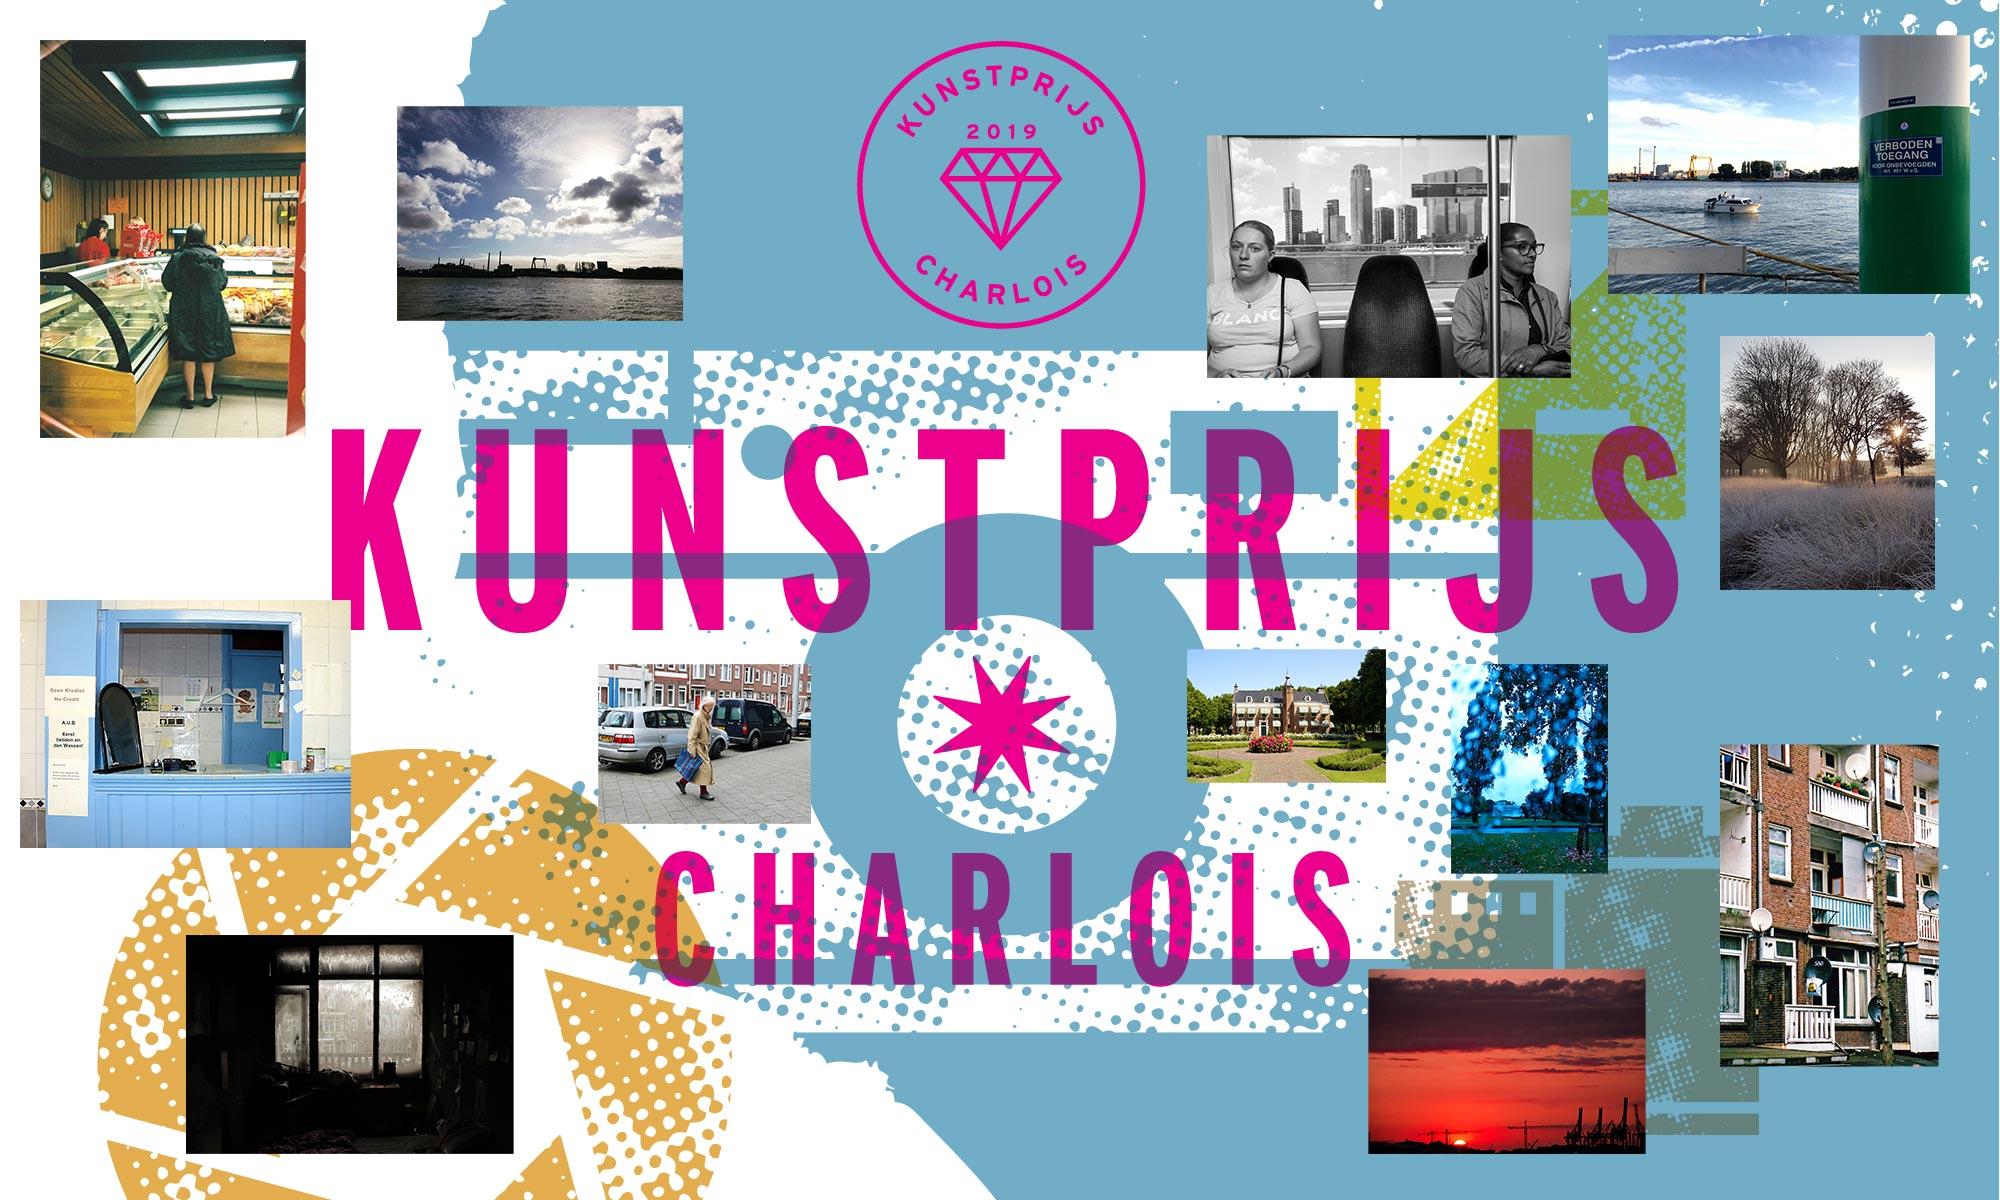 Kunstprijs Charlois 2019